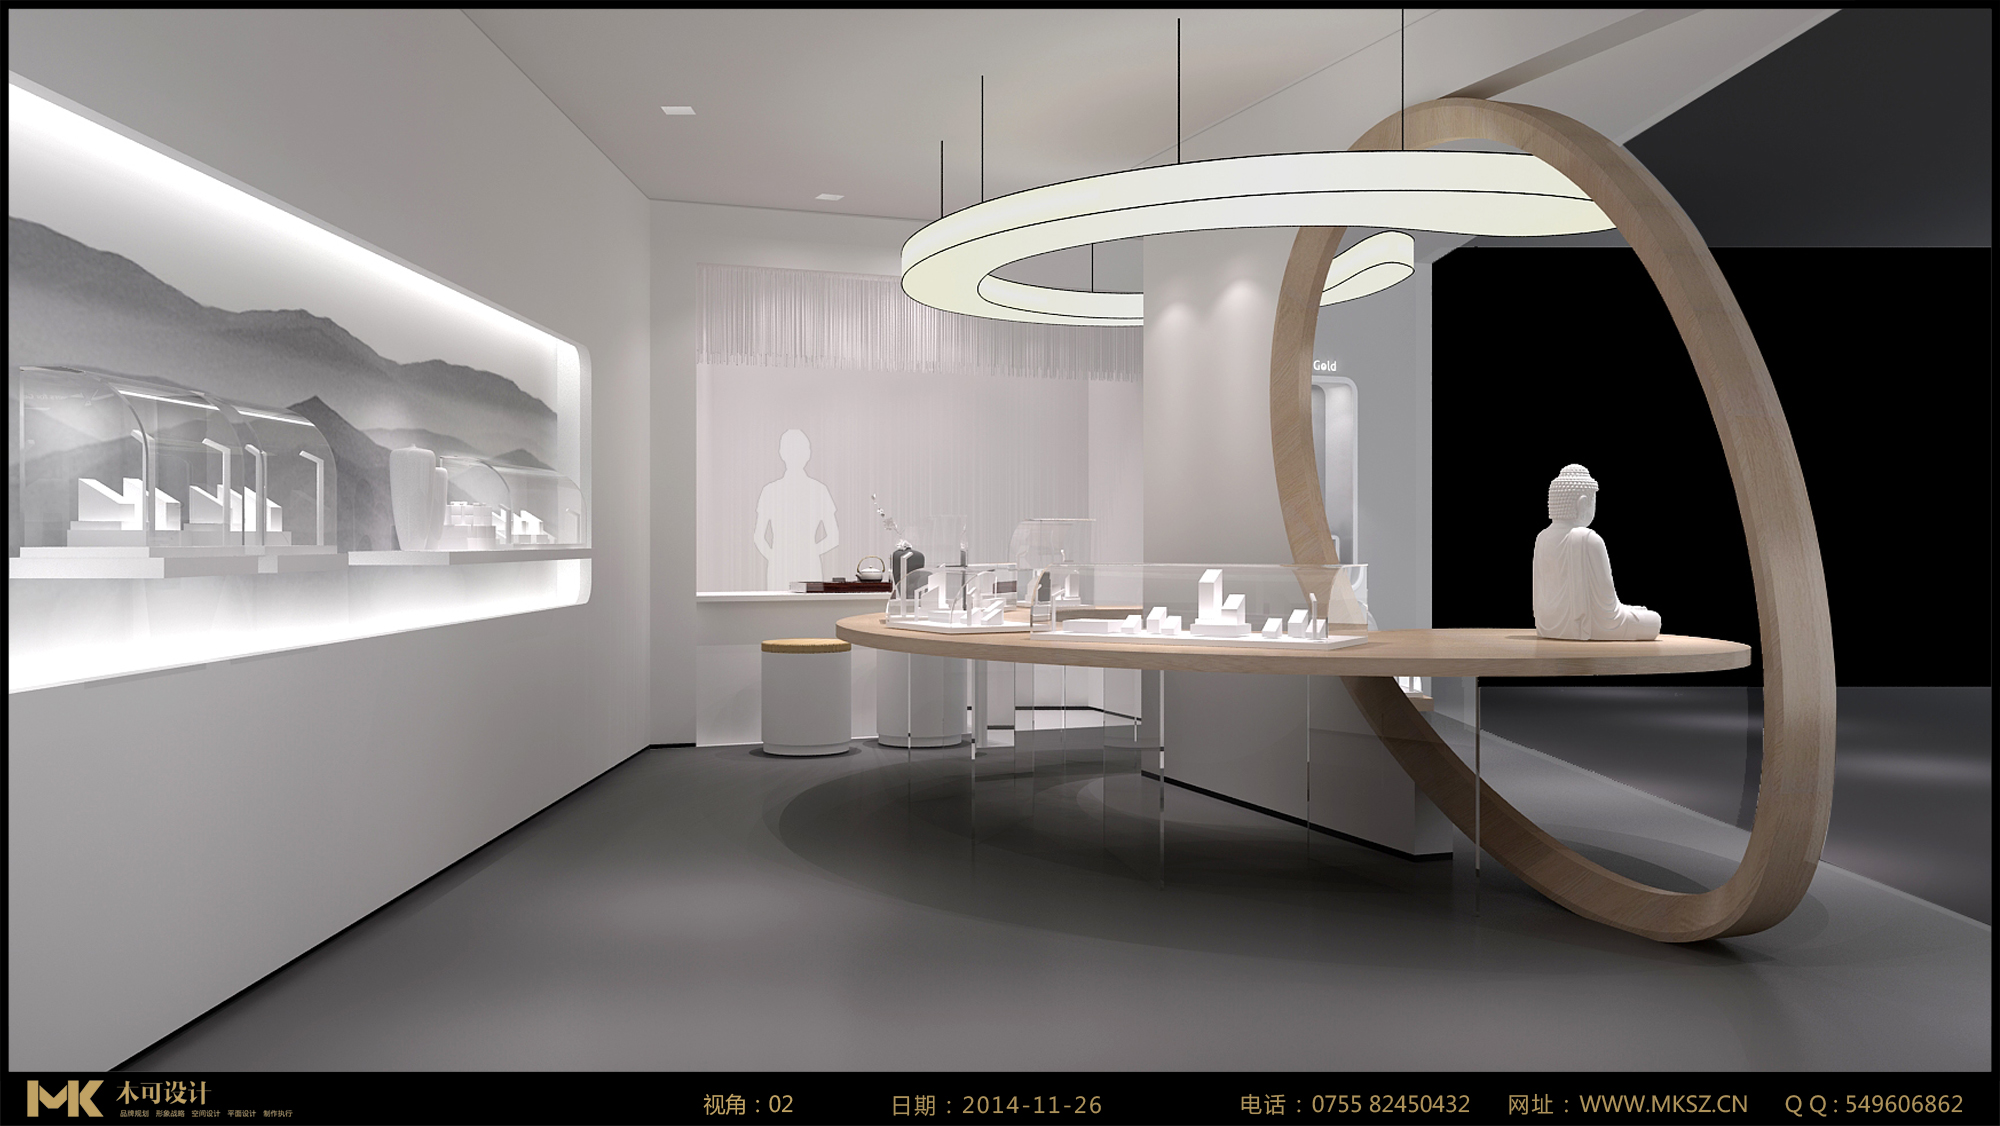 珠宝展示空间设计说明 图片合集图片